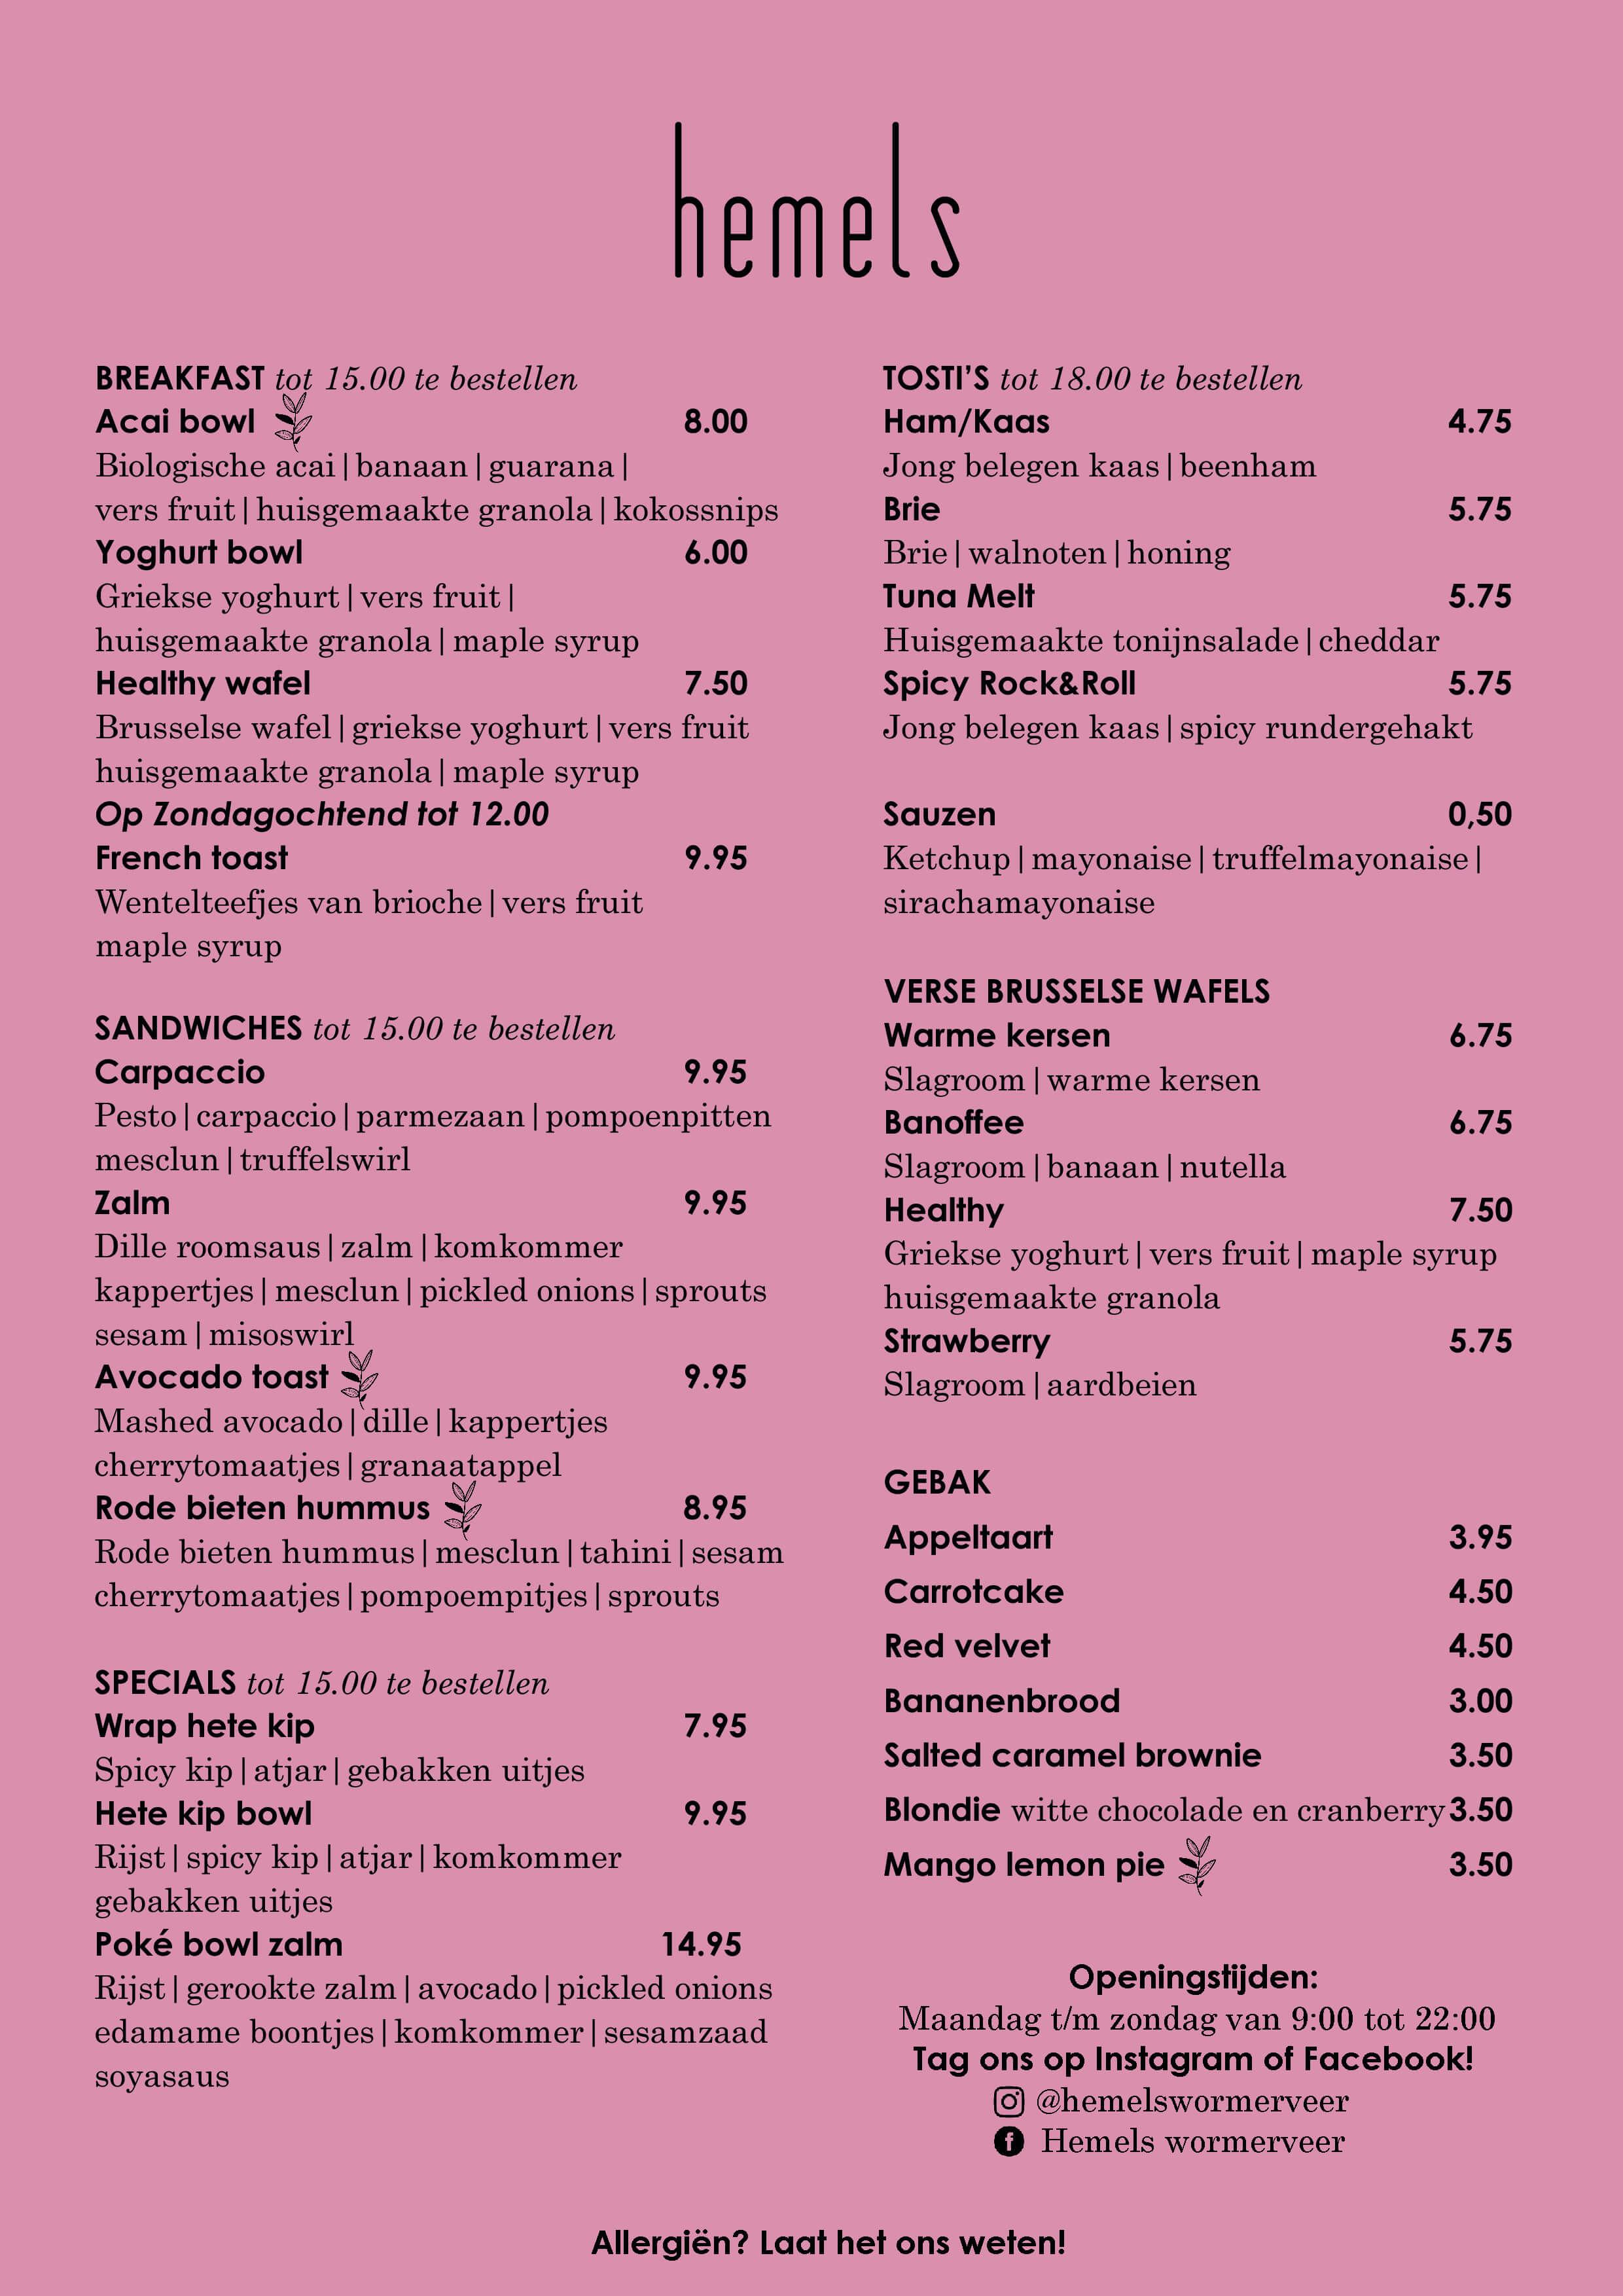 Hemels menu